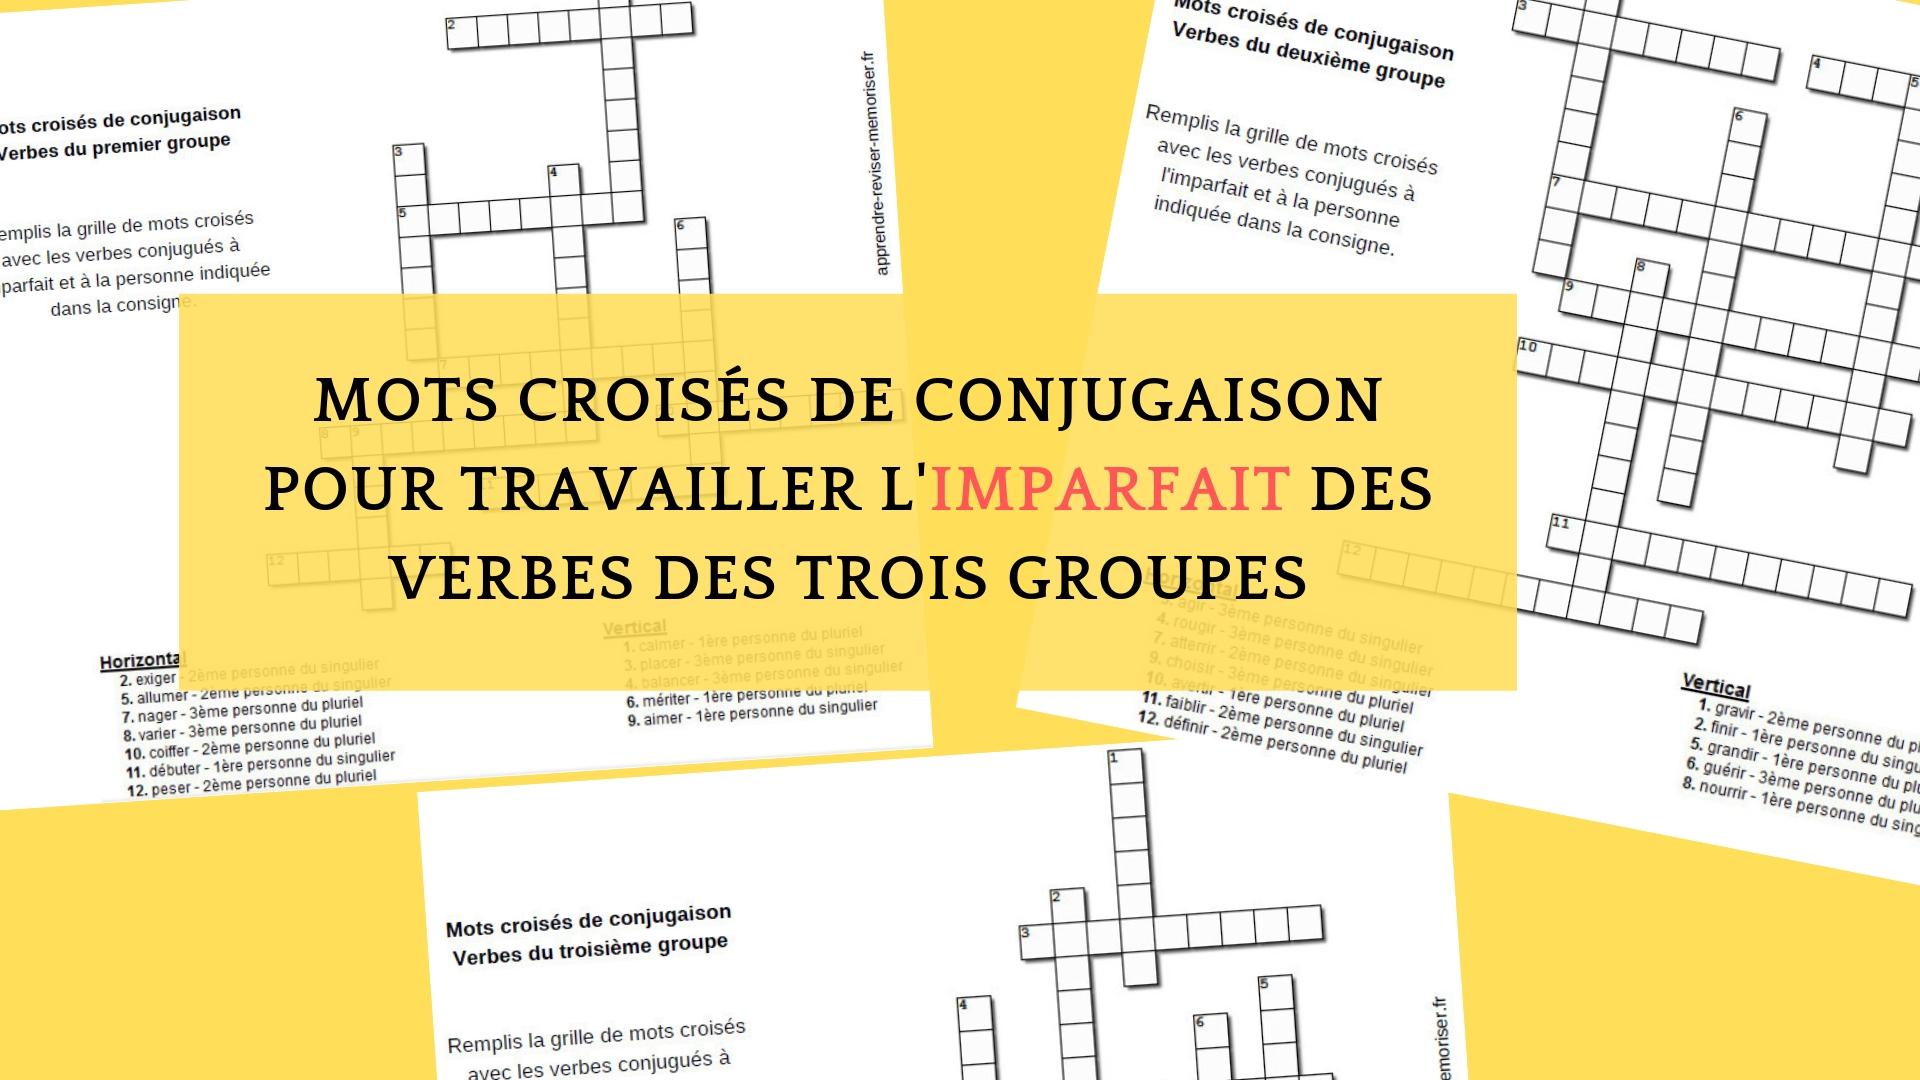 Mots Croises De Conjugaison Pour Travailler L Imparfait Des Verbes Des Trois Groupes Apprendre Reviser Memoriser